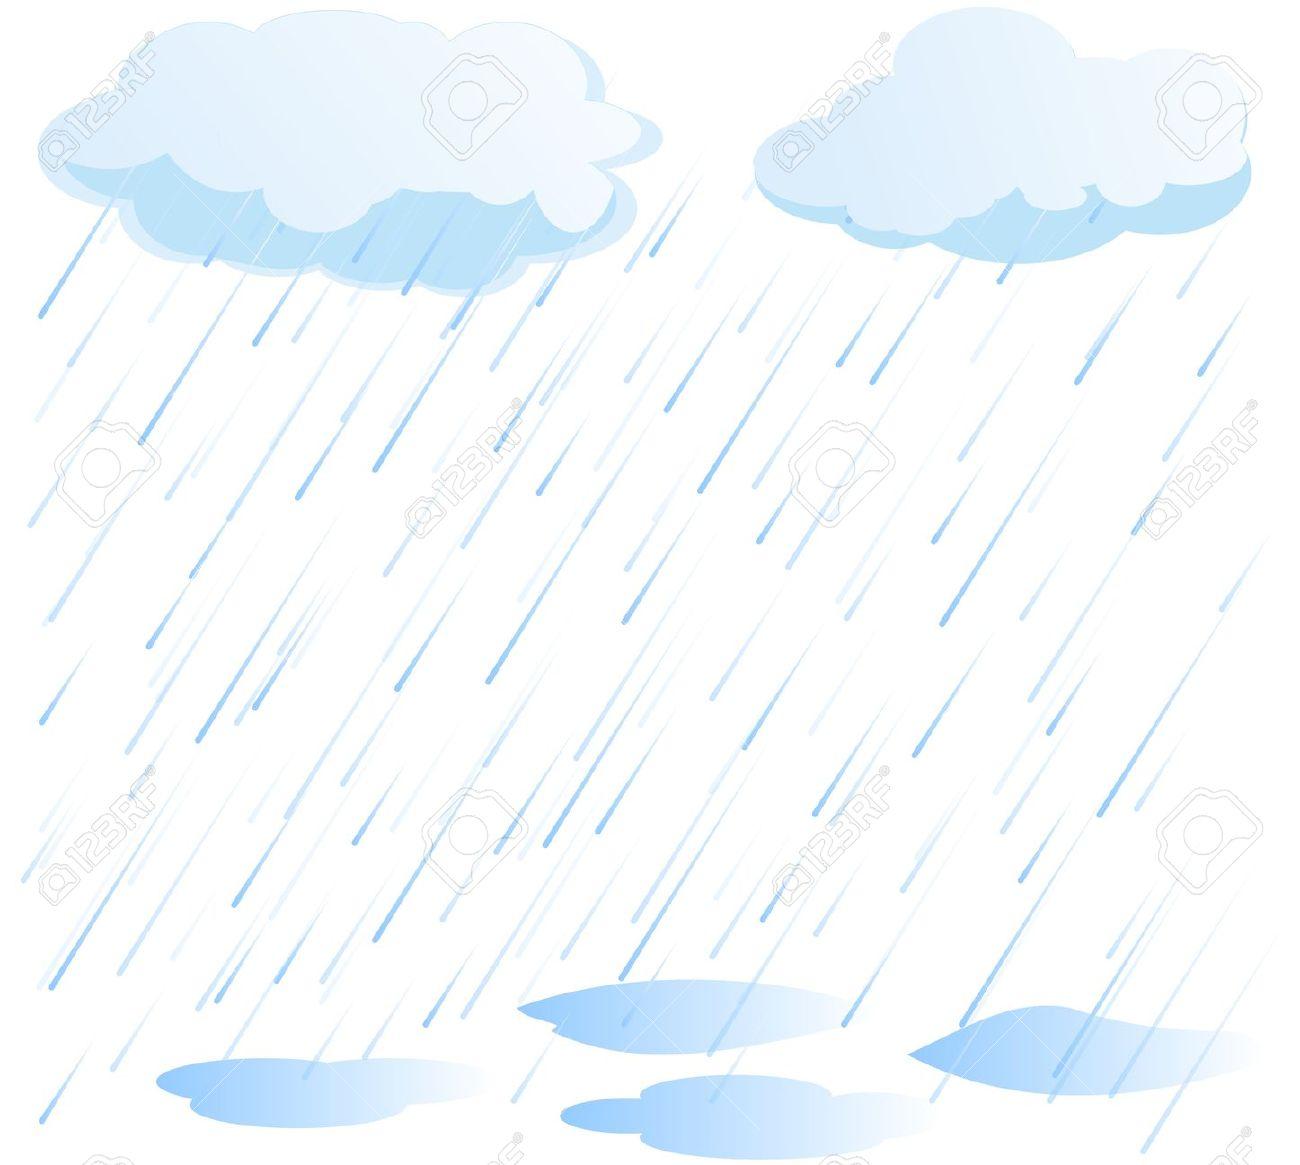 Background clipart rainy Cartoon sky Free Clip on